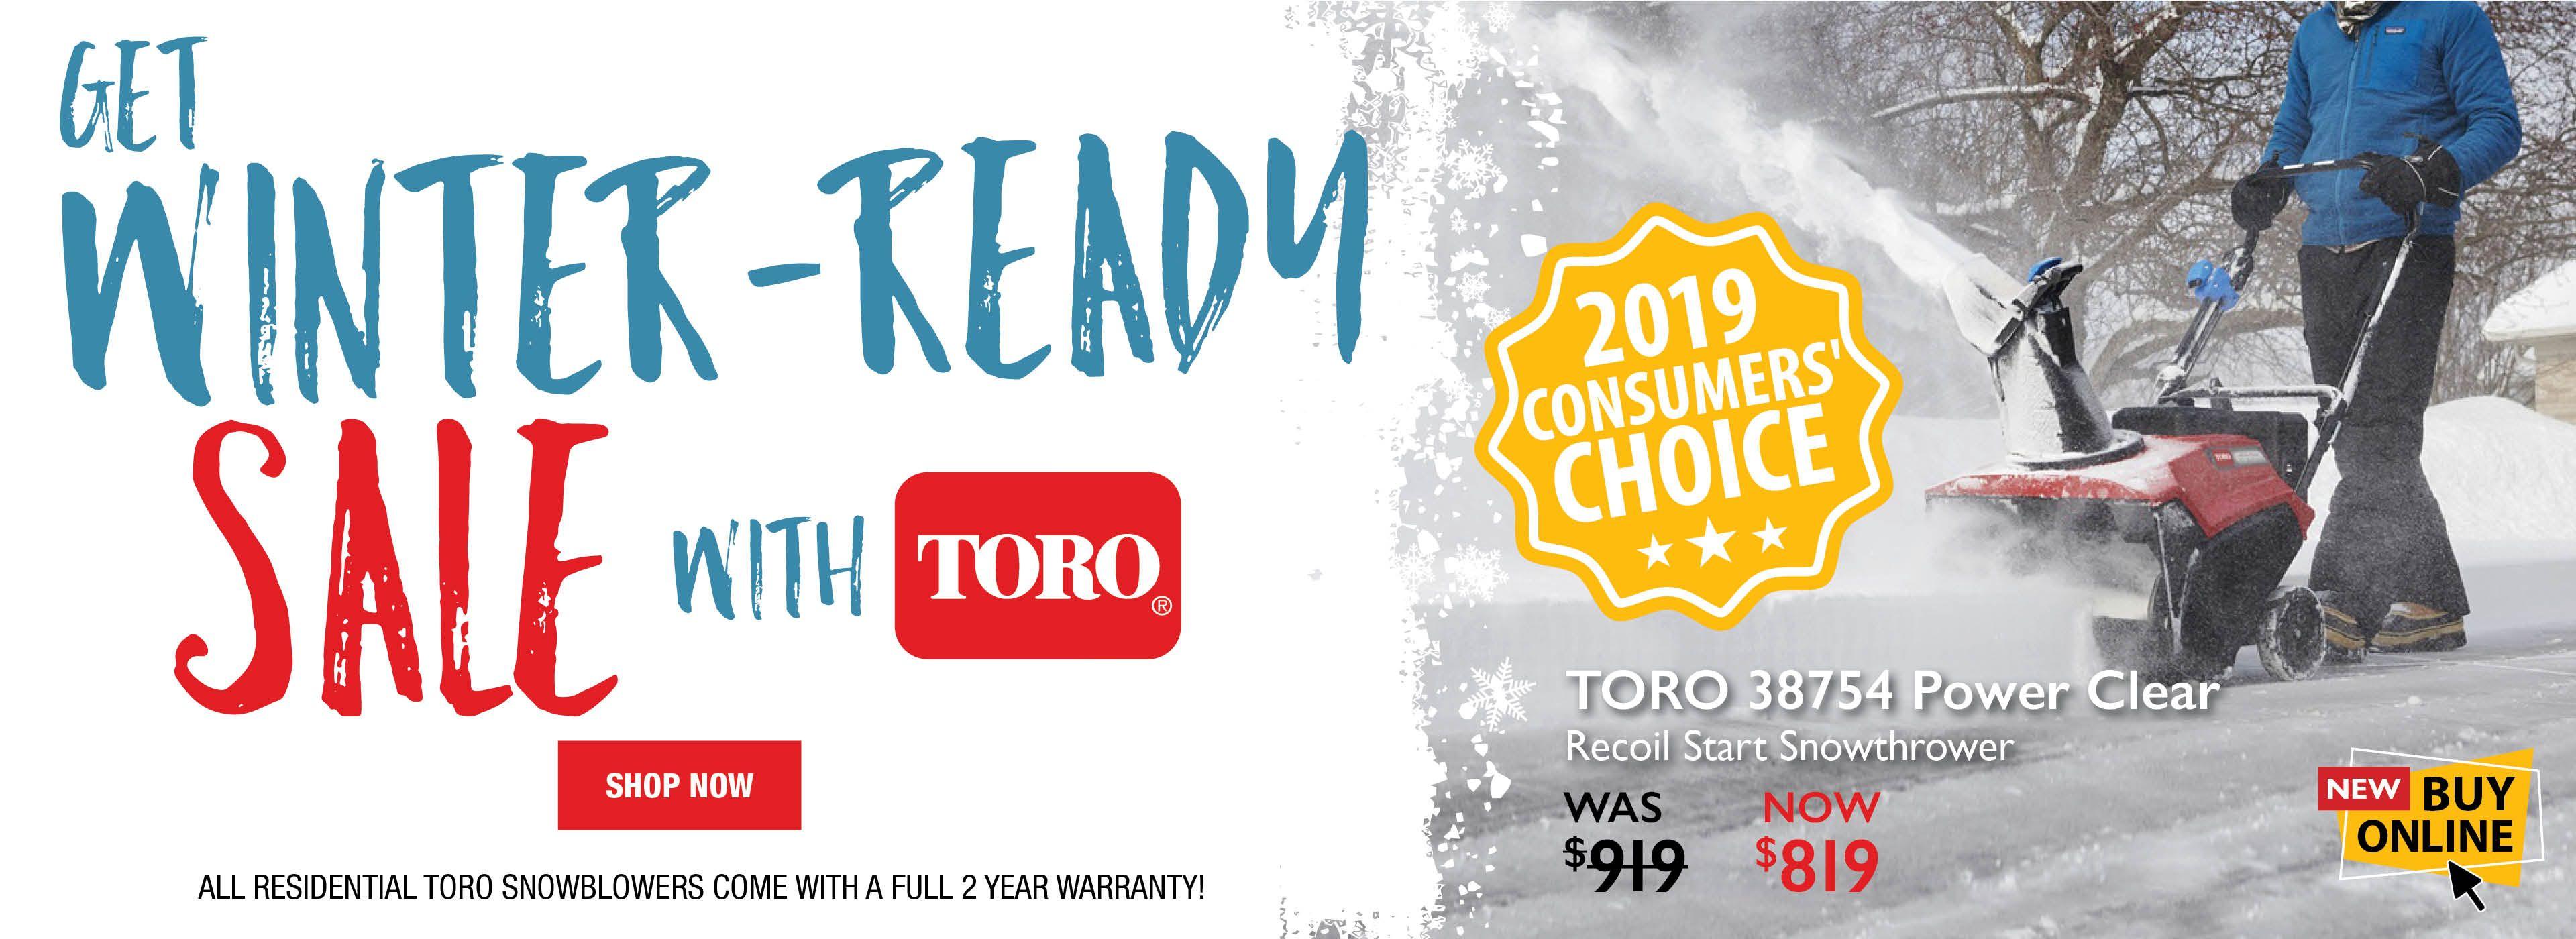 Toro Winter Warm Up Snowblower Sale 2019